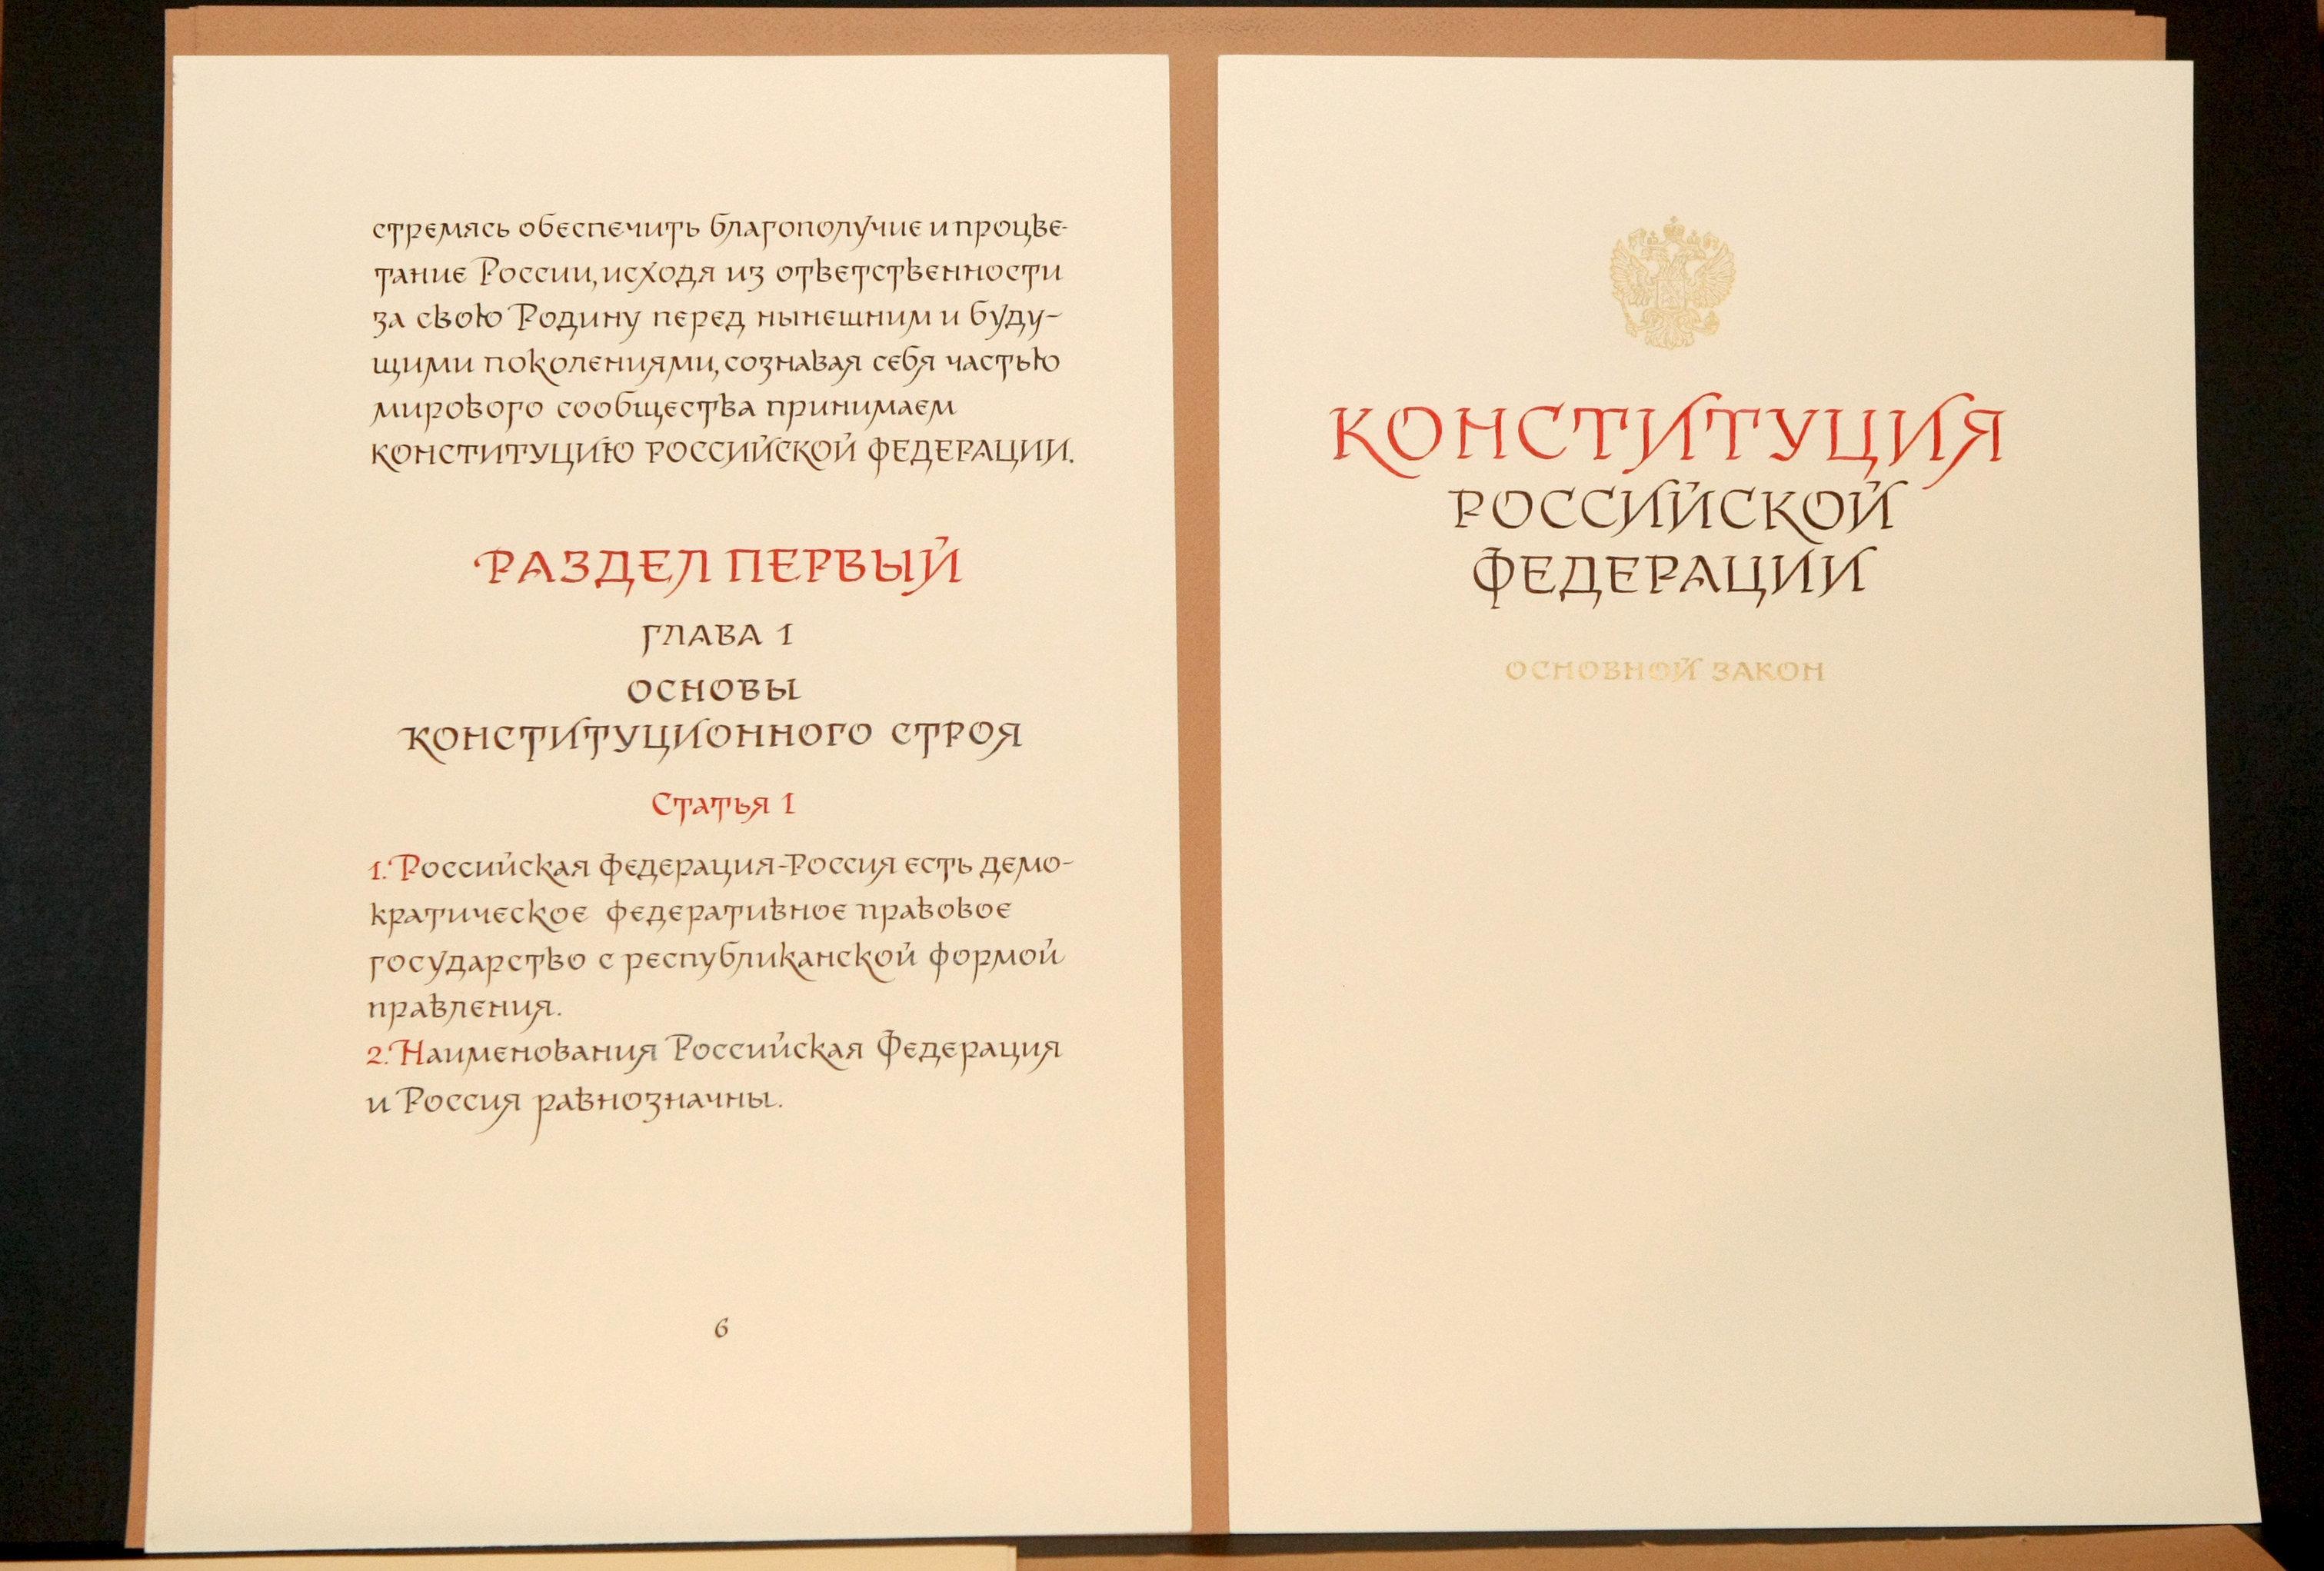 Хабаровчане отпразднуют День Конституции первыми вгосударстве